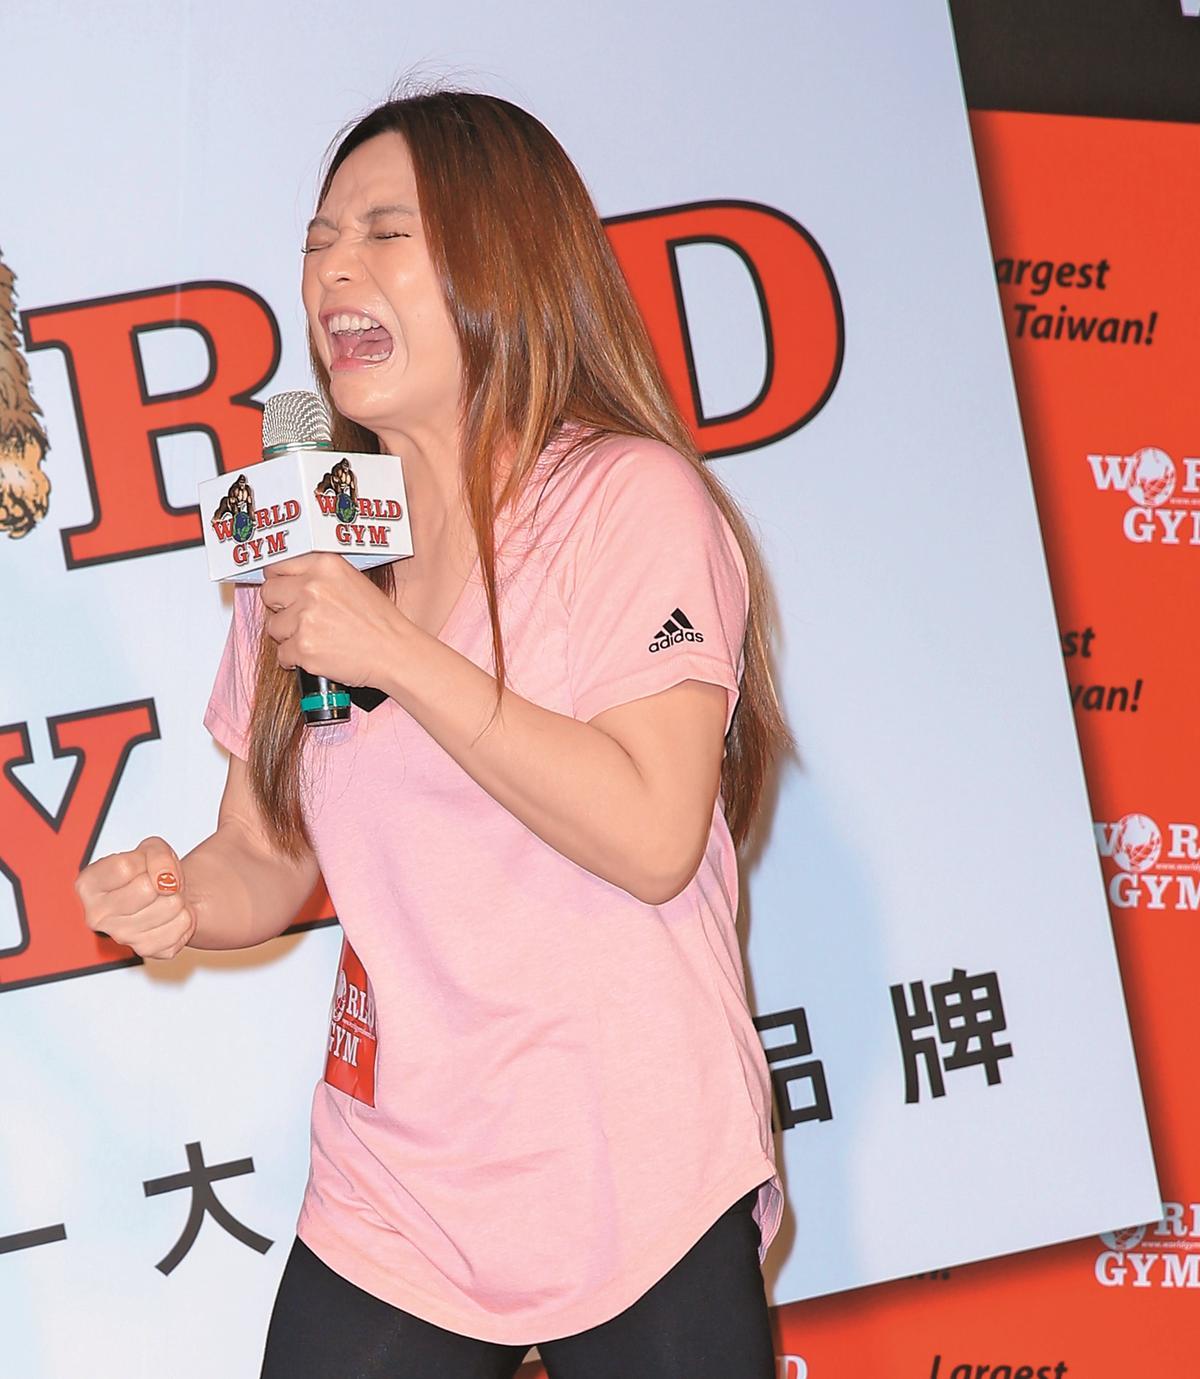 小甜甜出席World Gym健身品牌活動,不愧是諧星,她的表情總能為大家帶來歡笑。她之前曾經公開對KID表白。